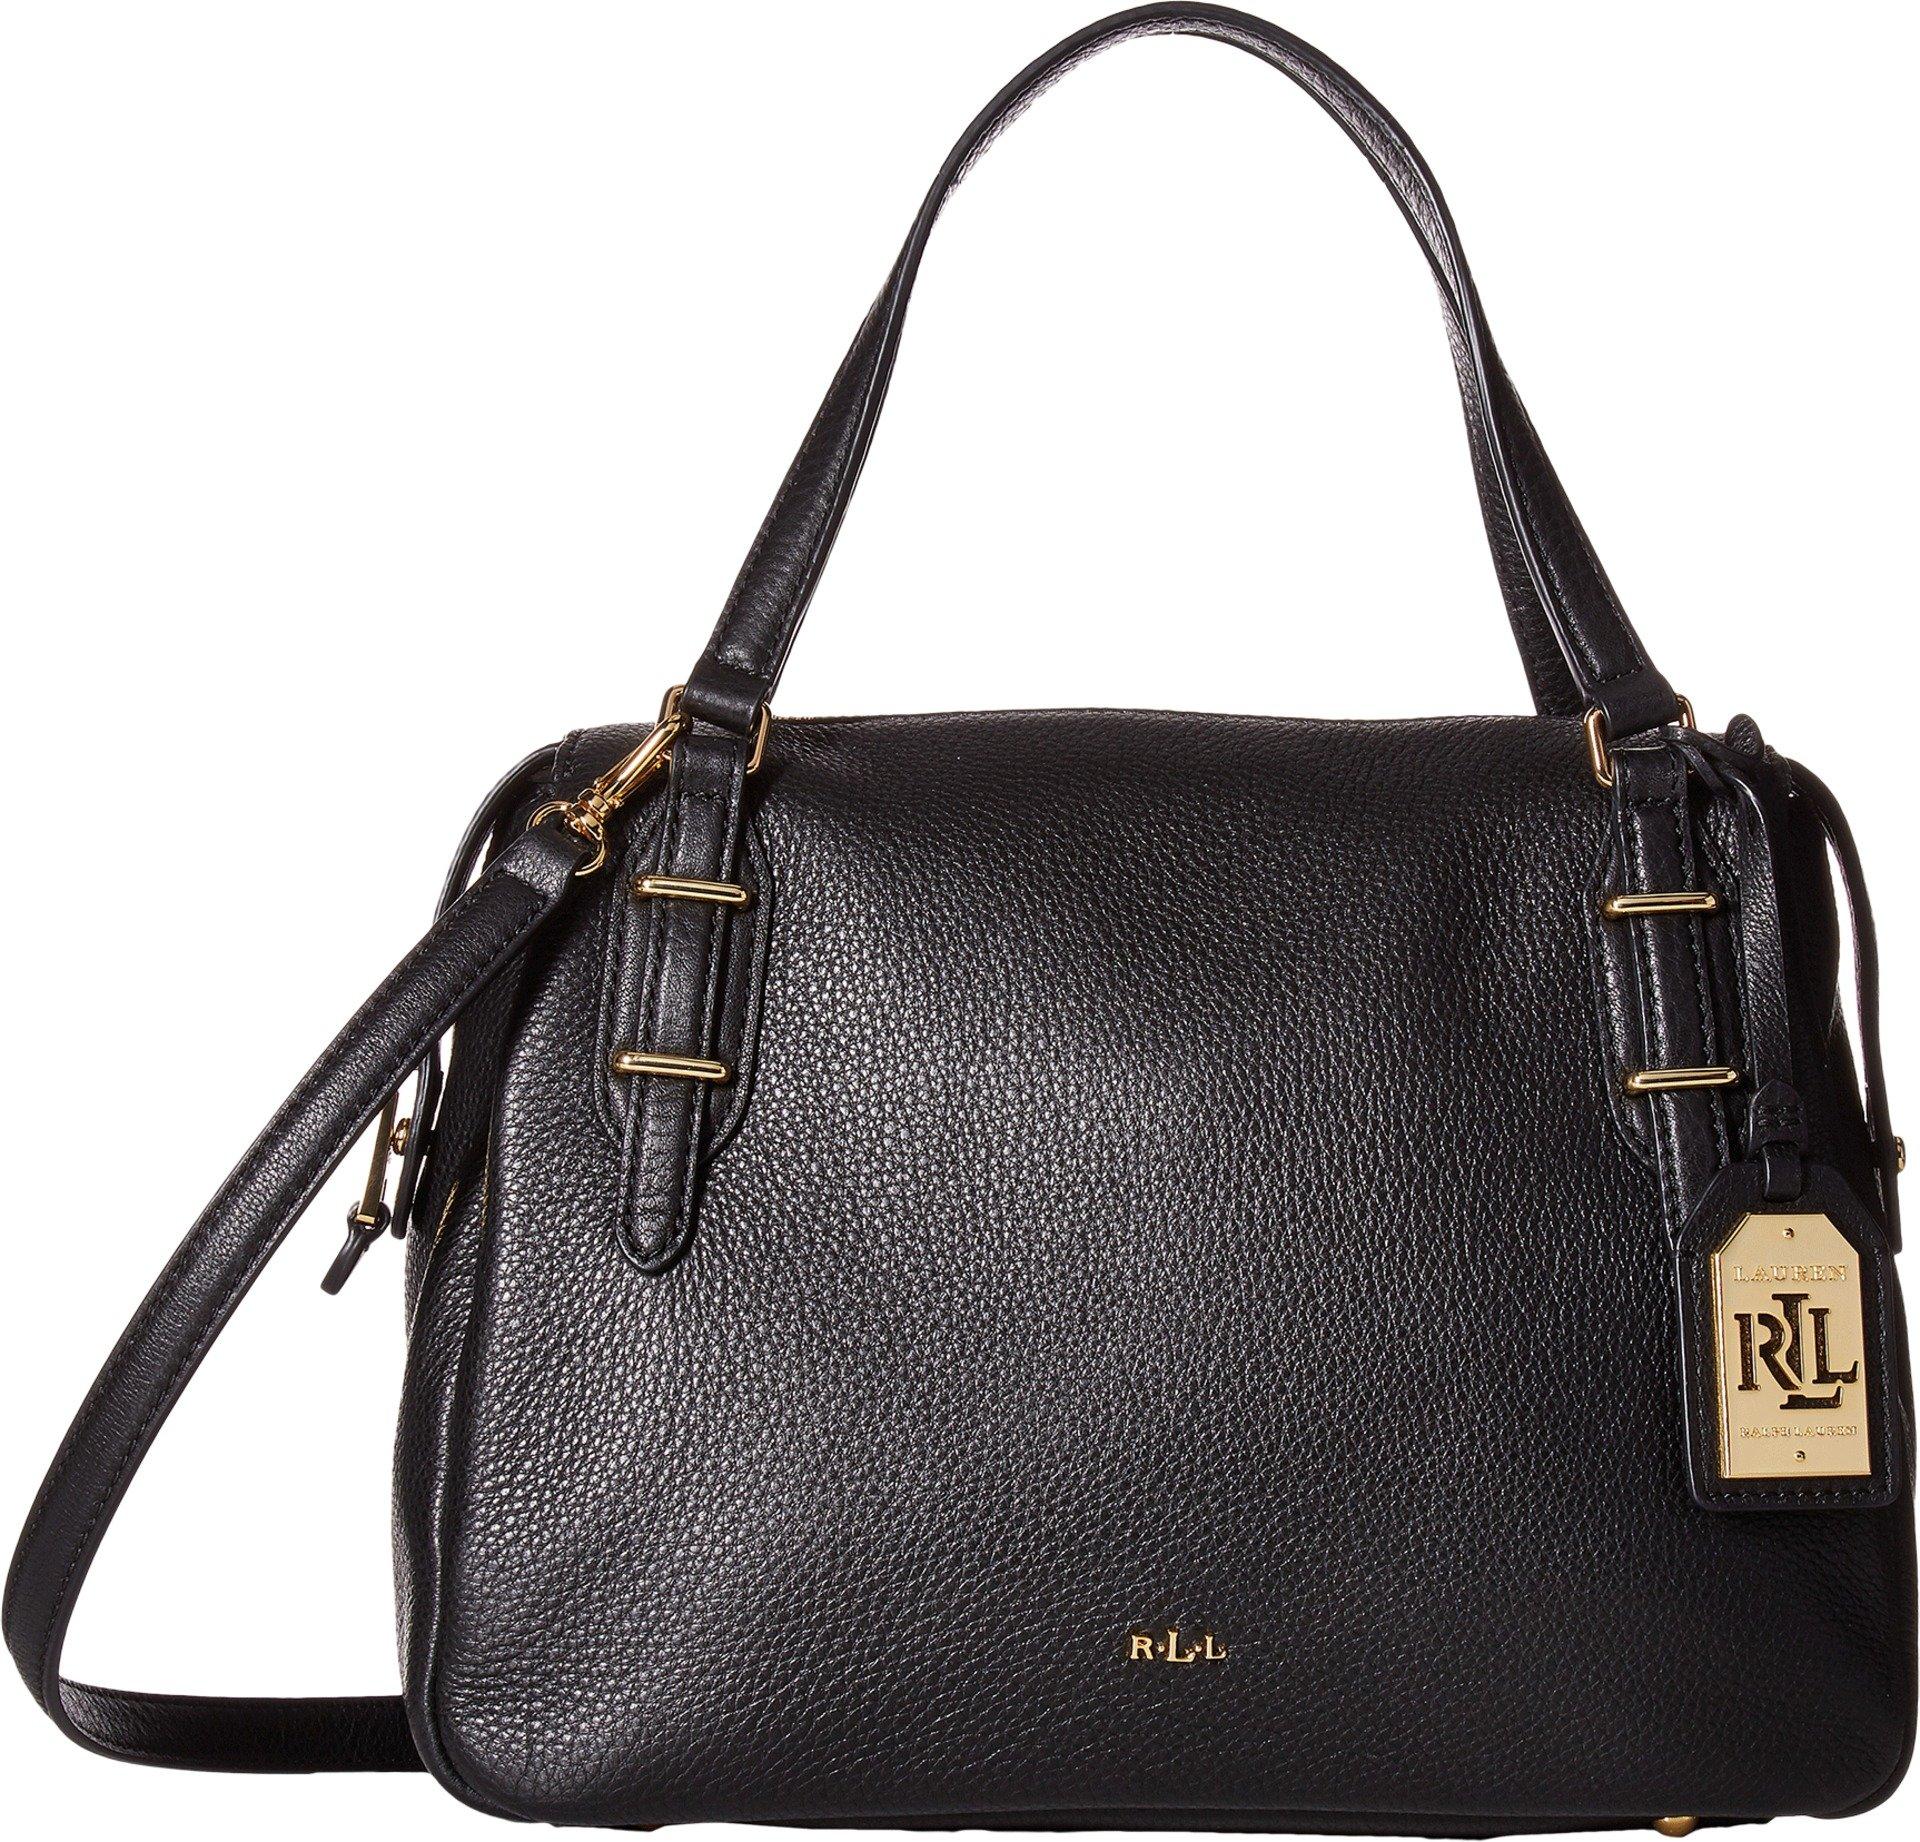 LAUREN Ralph Lauren Women's Easby Eileen Satchel Medium Black One Size